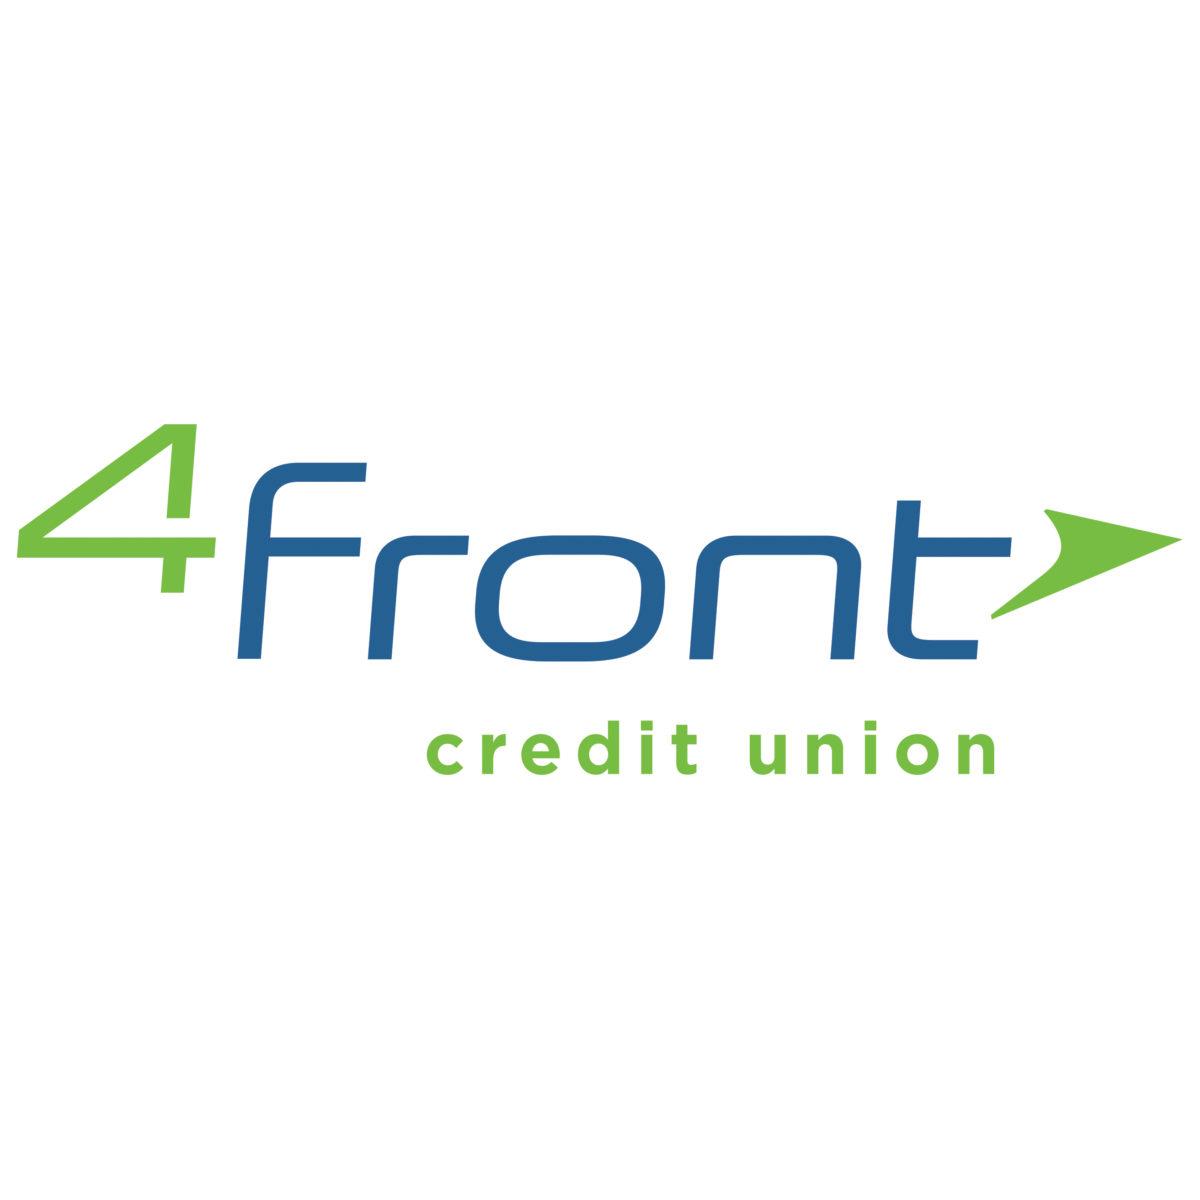 4frontCreditUnion